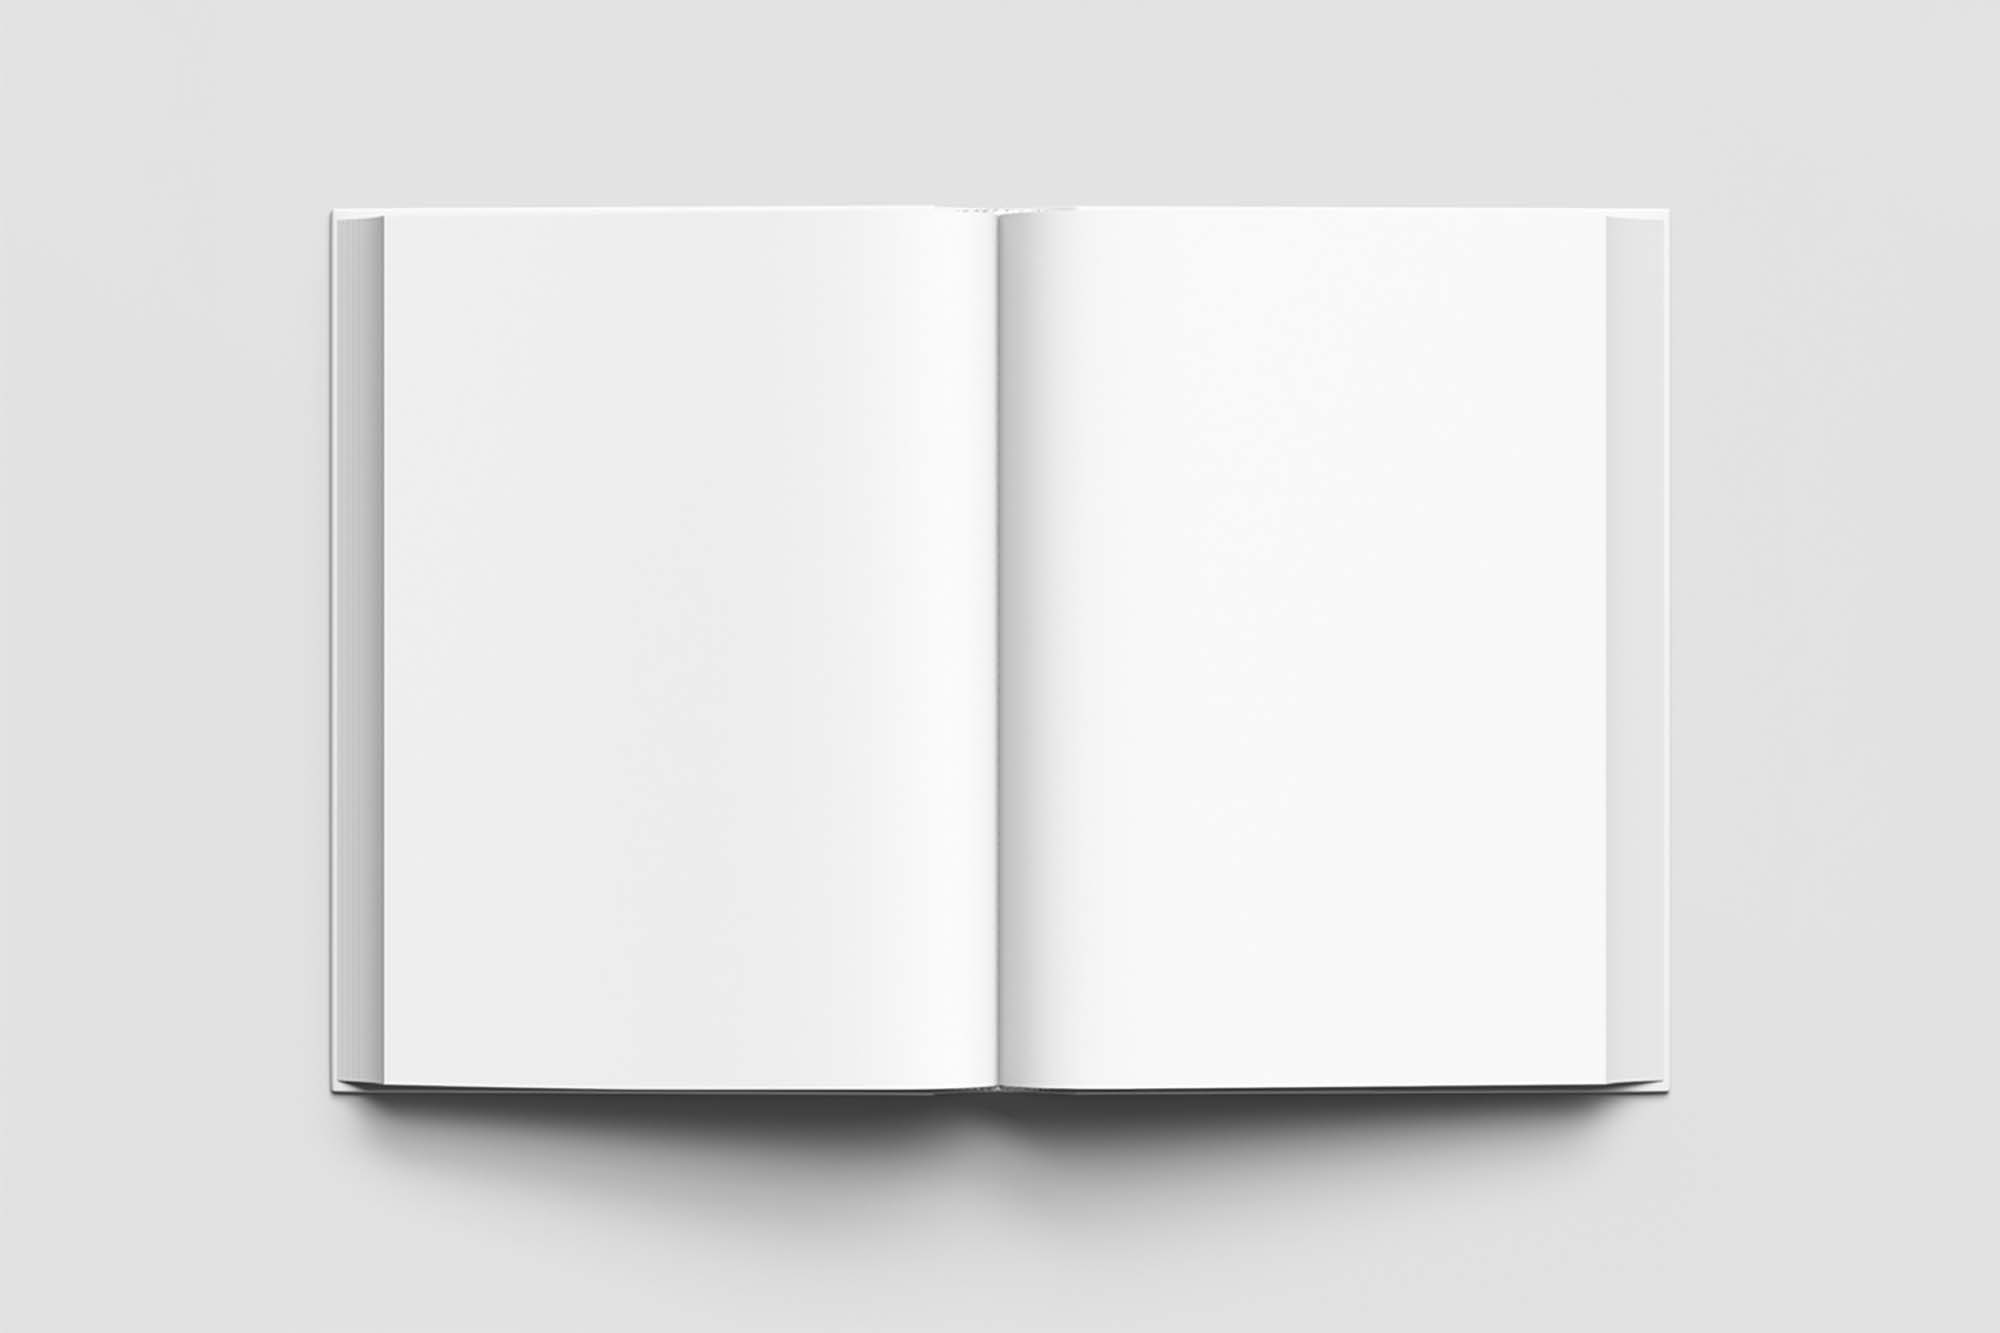 Top View Book Mockup 2